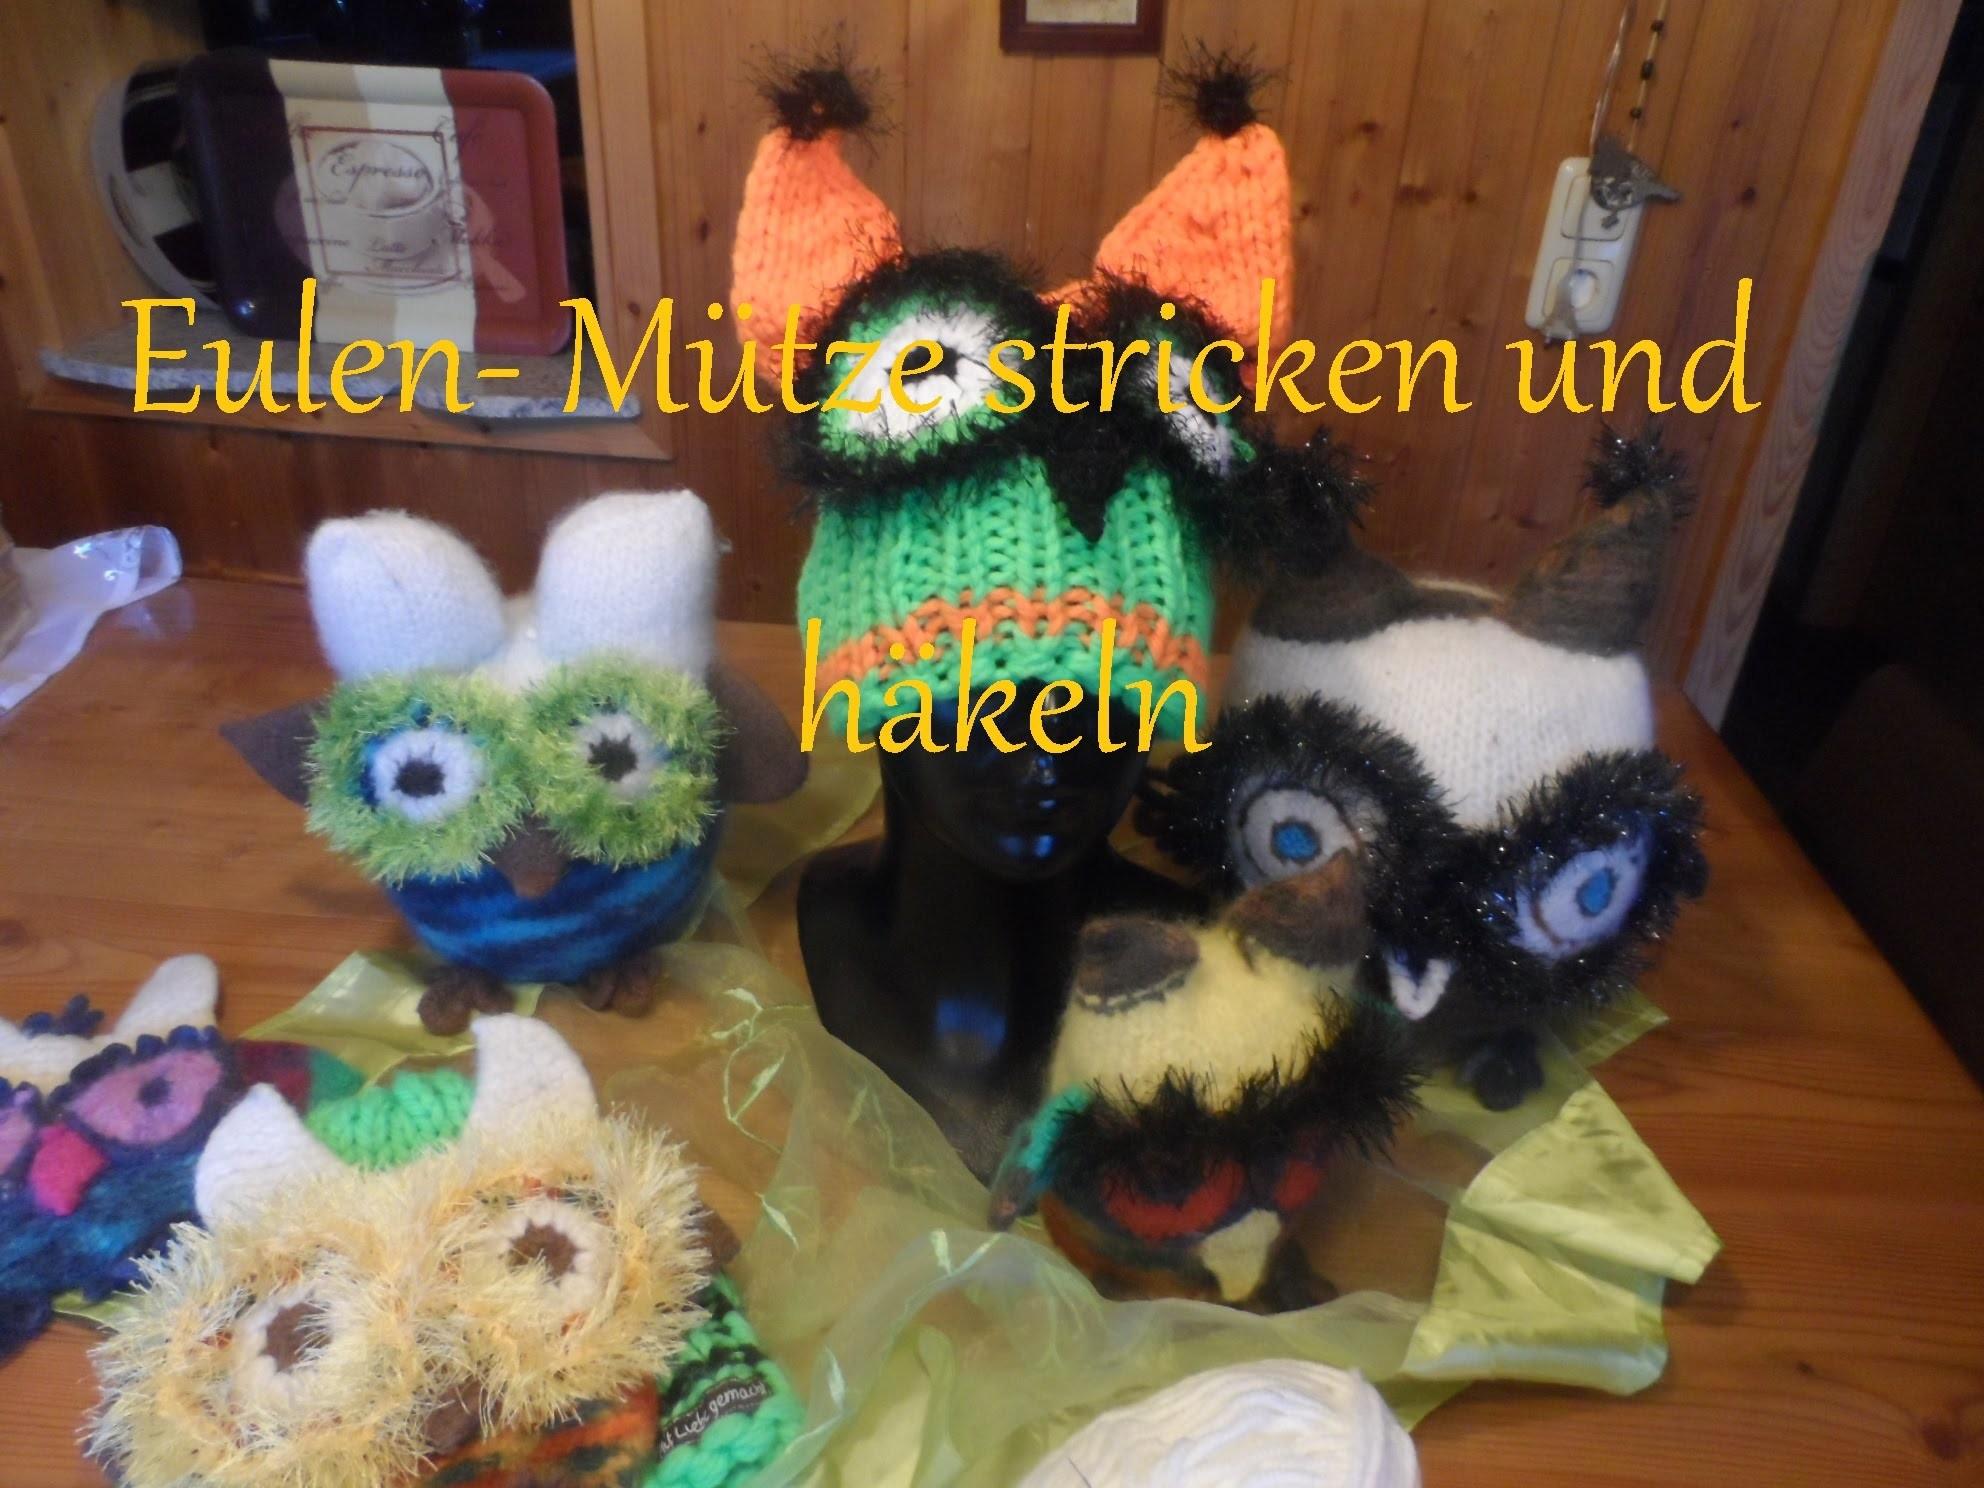 DIY : keka # Eulen - Mütze stricken und häkeln , selber machen - 2.2